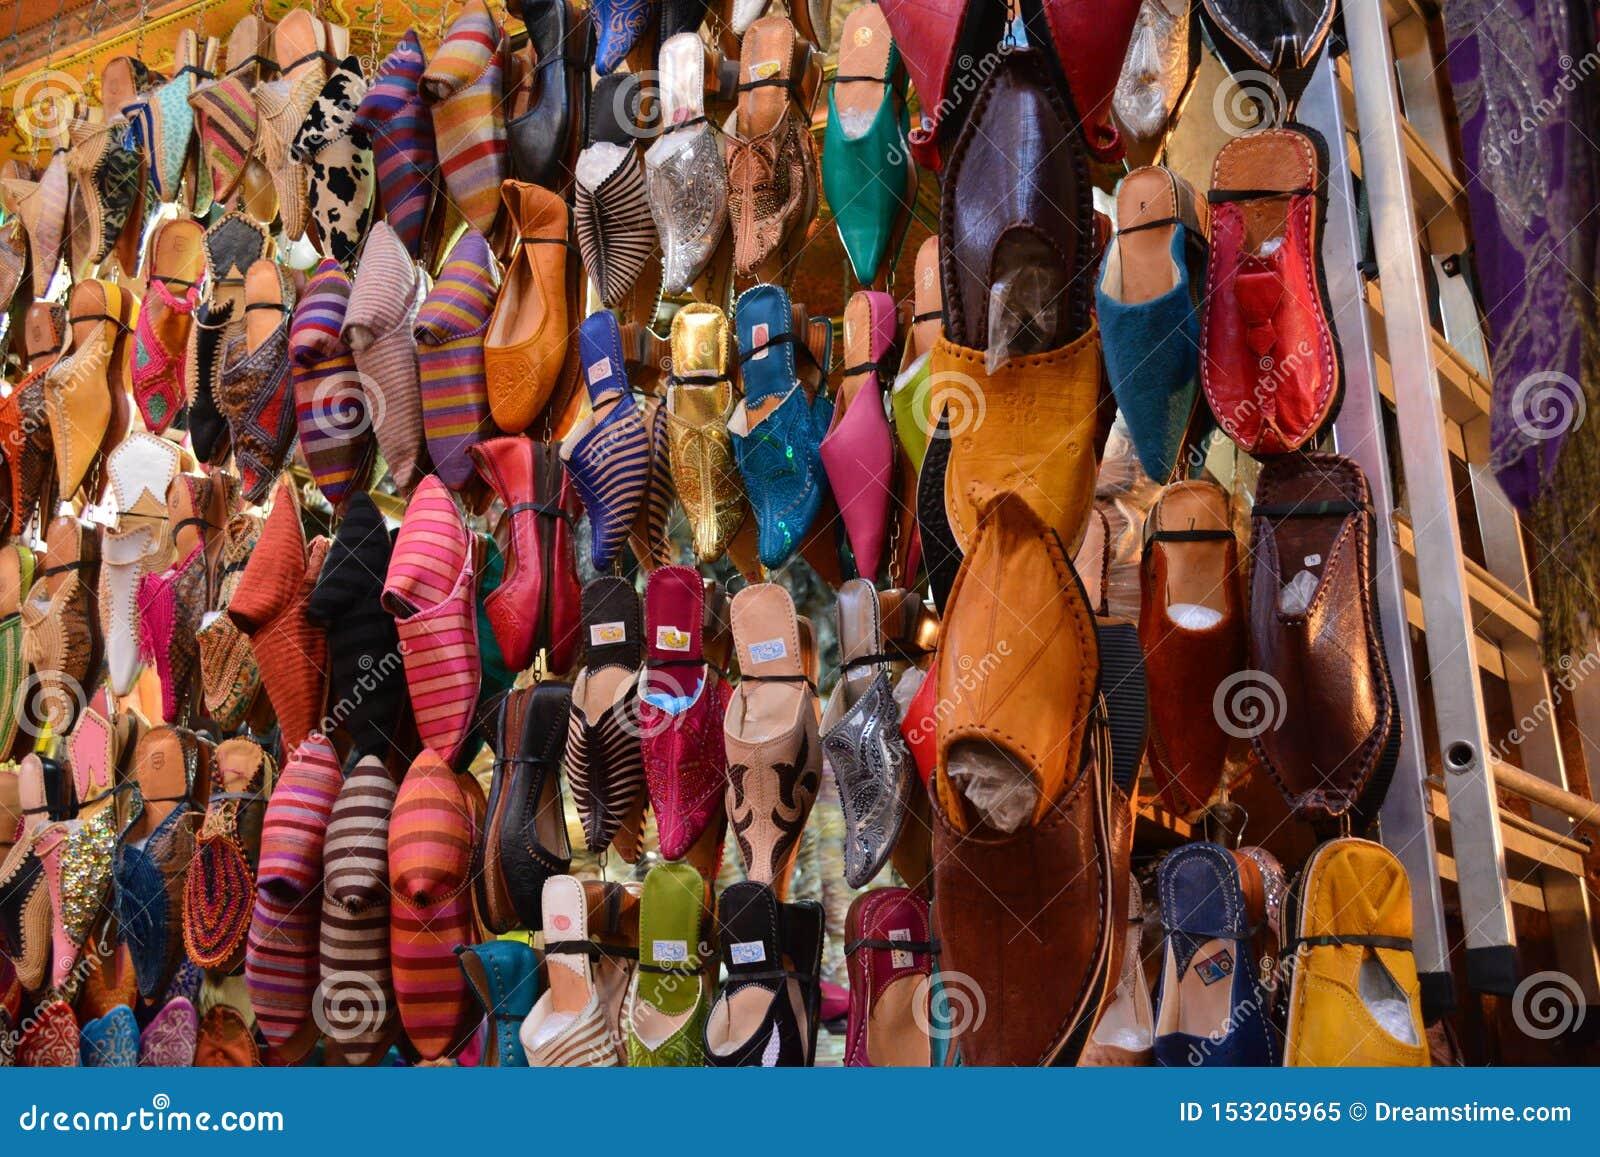 Η αγορά στο Μαρακές που παρουσιάζει τοπικό χέρι έβαψε τα παπούτσια δέρματος